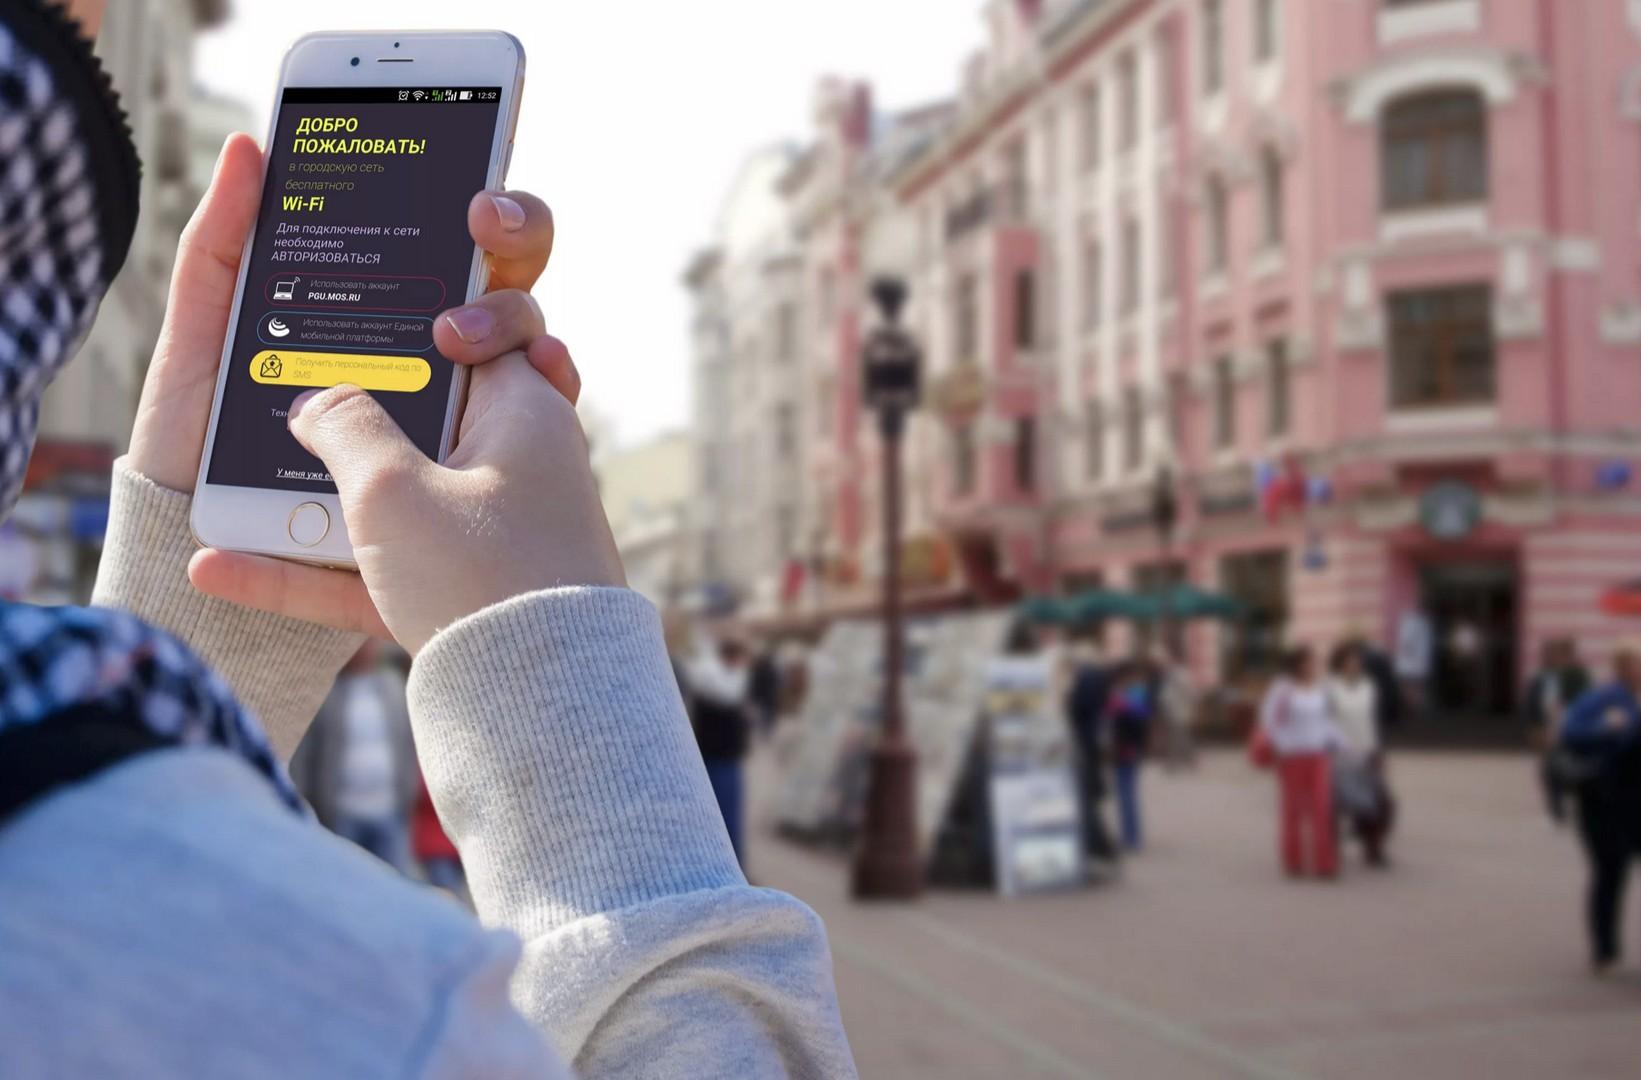 Идентификация пользователей в сети Wi-Fi: подводные камни